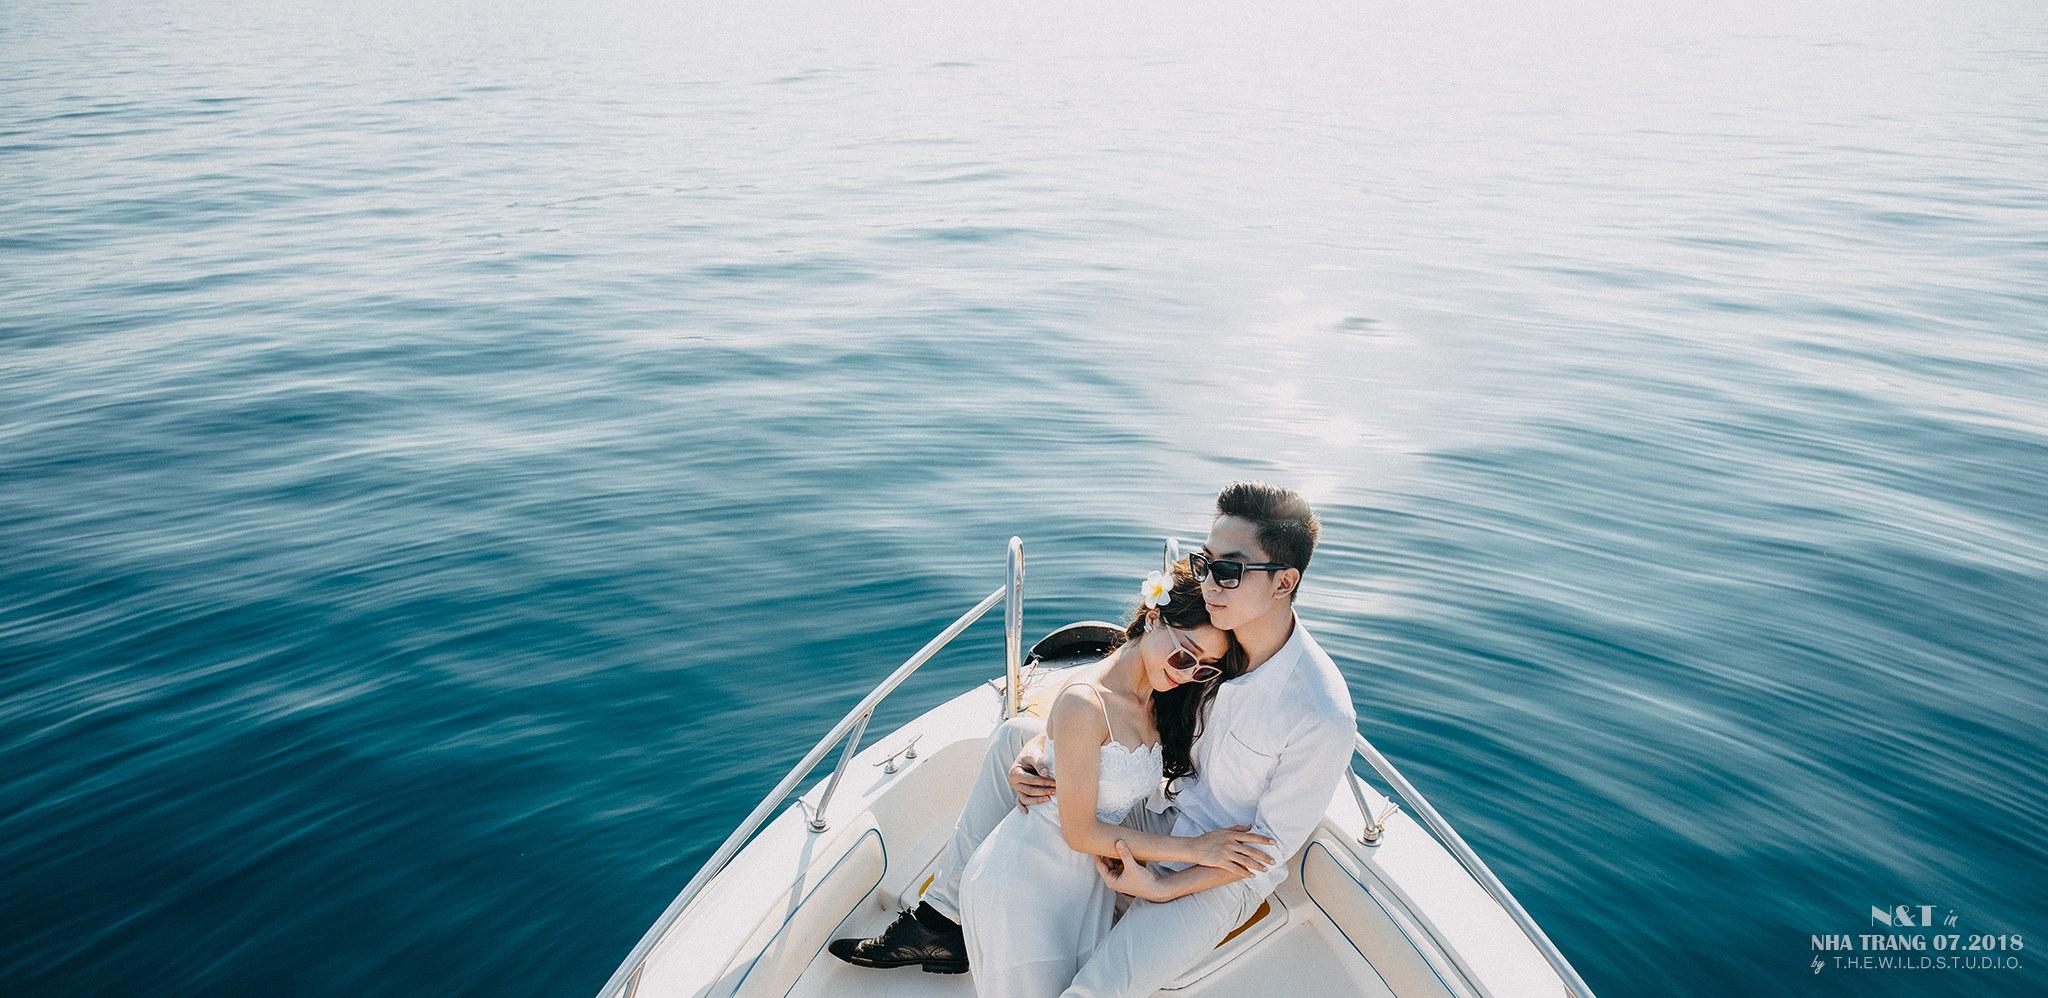 Đừng quên các kiểu ảnh này khi chụp hình cưới ngoại cảnh biển